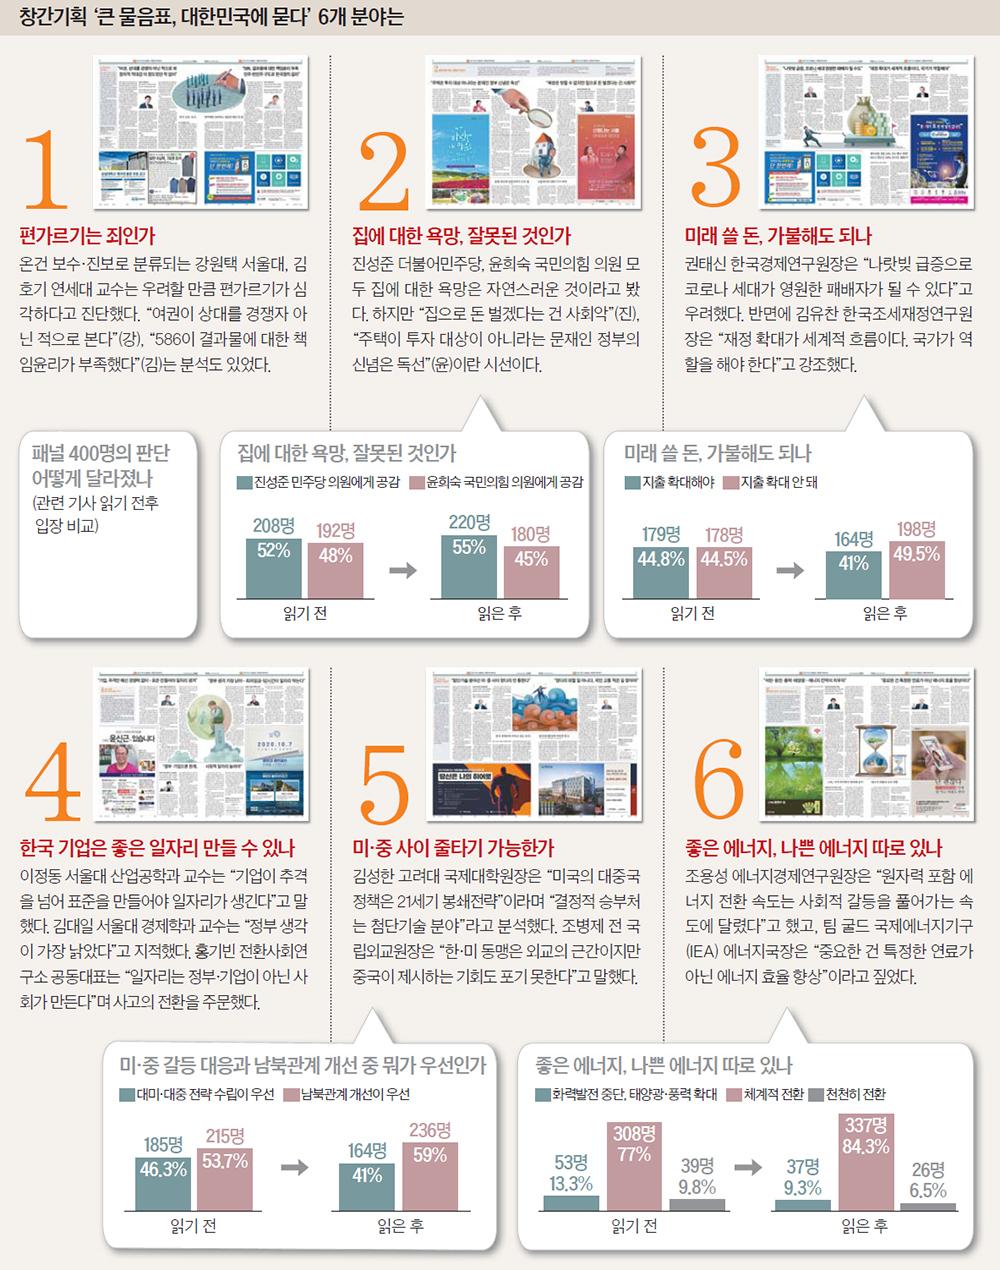 창간기획 '큰 물음표, 대한민국에 묻다' 6개 분야